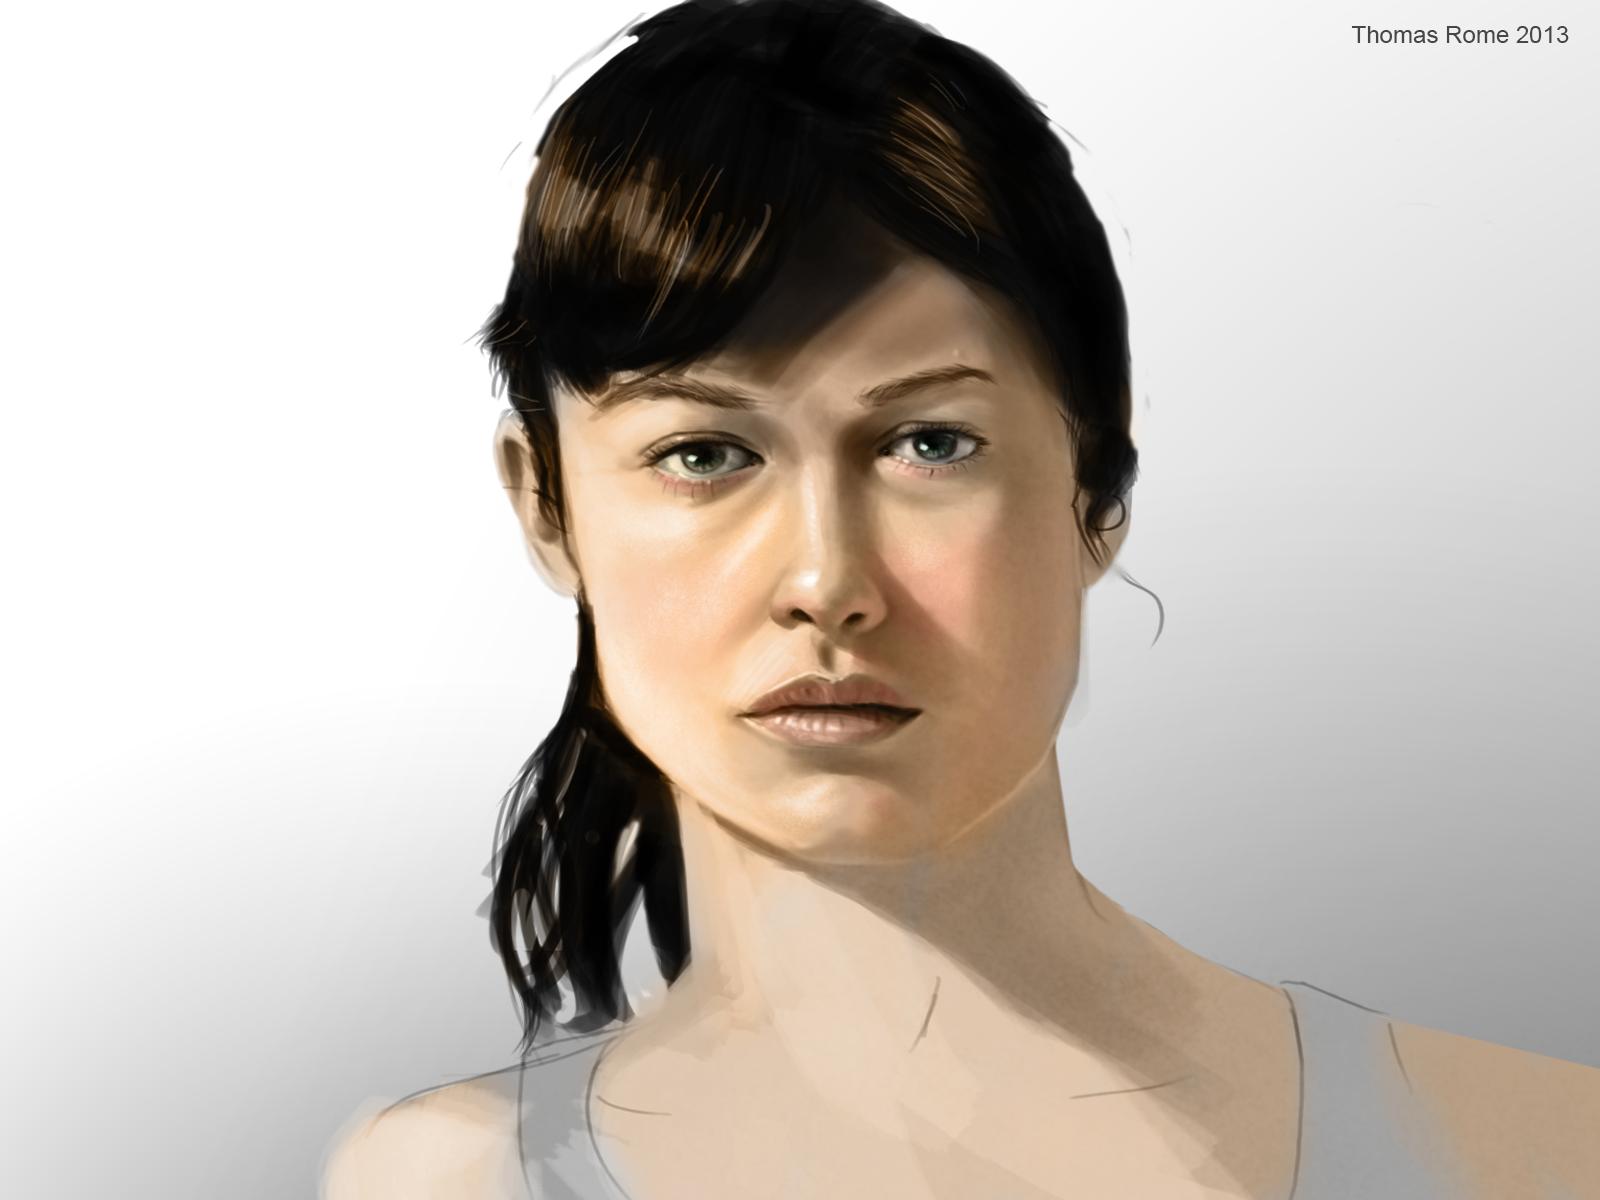 Olga Kurylenko (face practice) by ThomasRome on DeviantArt